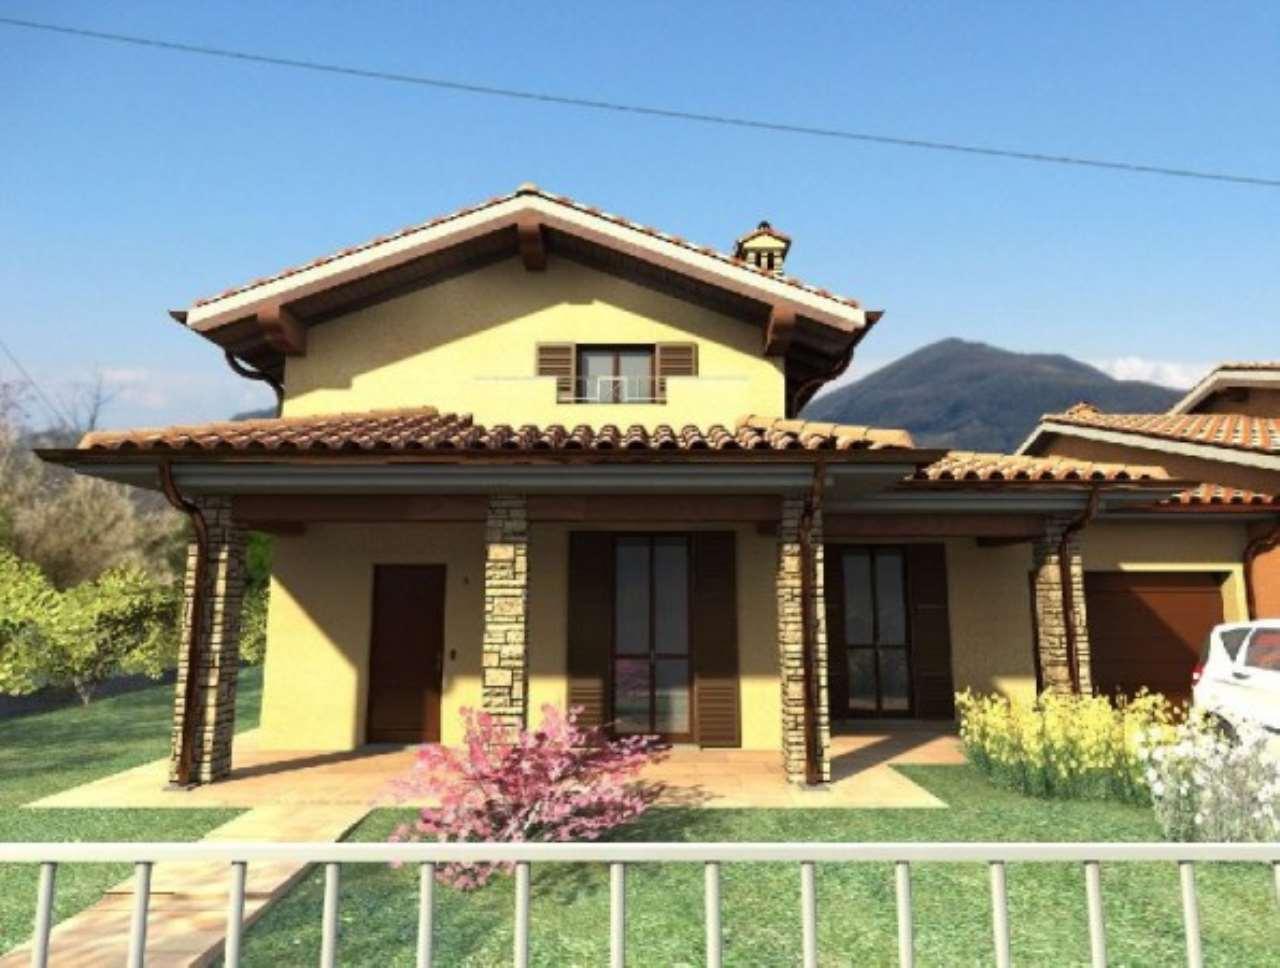 Terreno Edificabile Residenziale in vendita a Rivergaro, 9999 locali, prezzo € 250.000 | CambioCasa.it